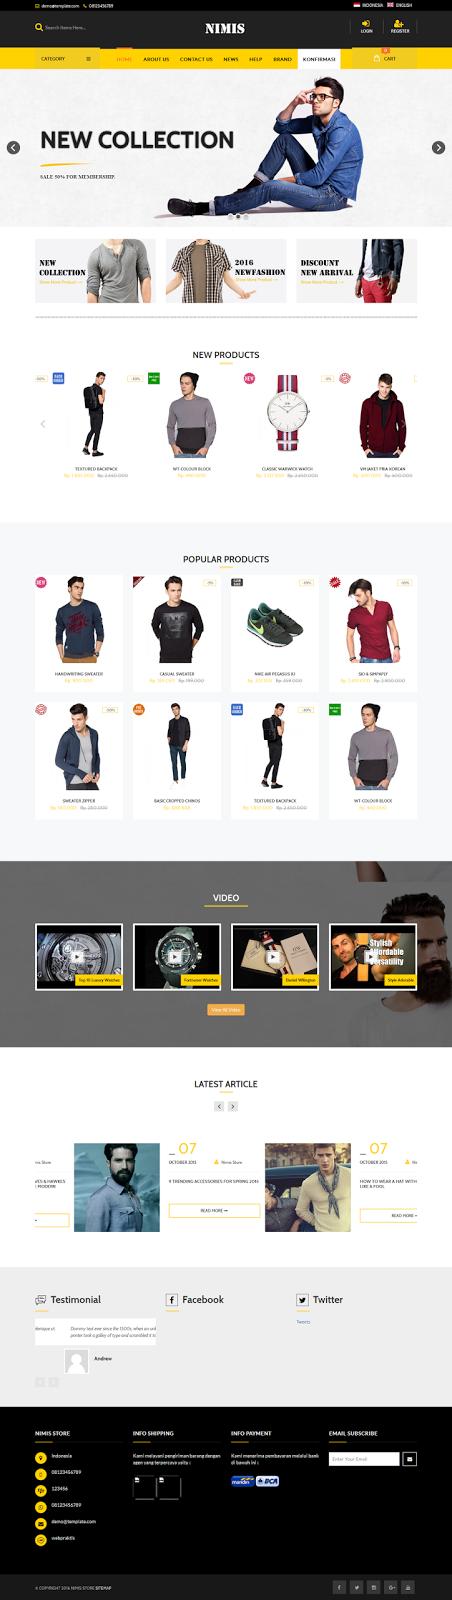 Bikin Website .com & Toko Online - 4